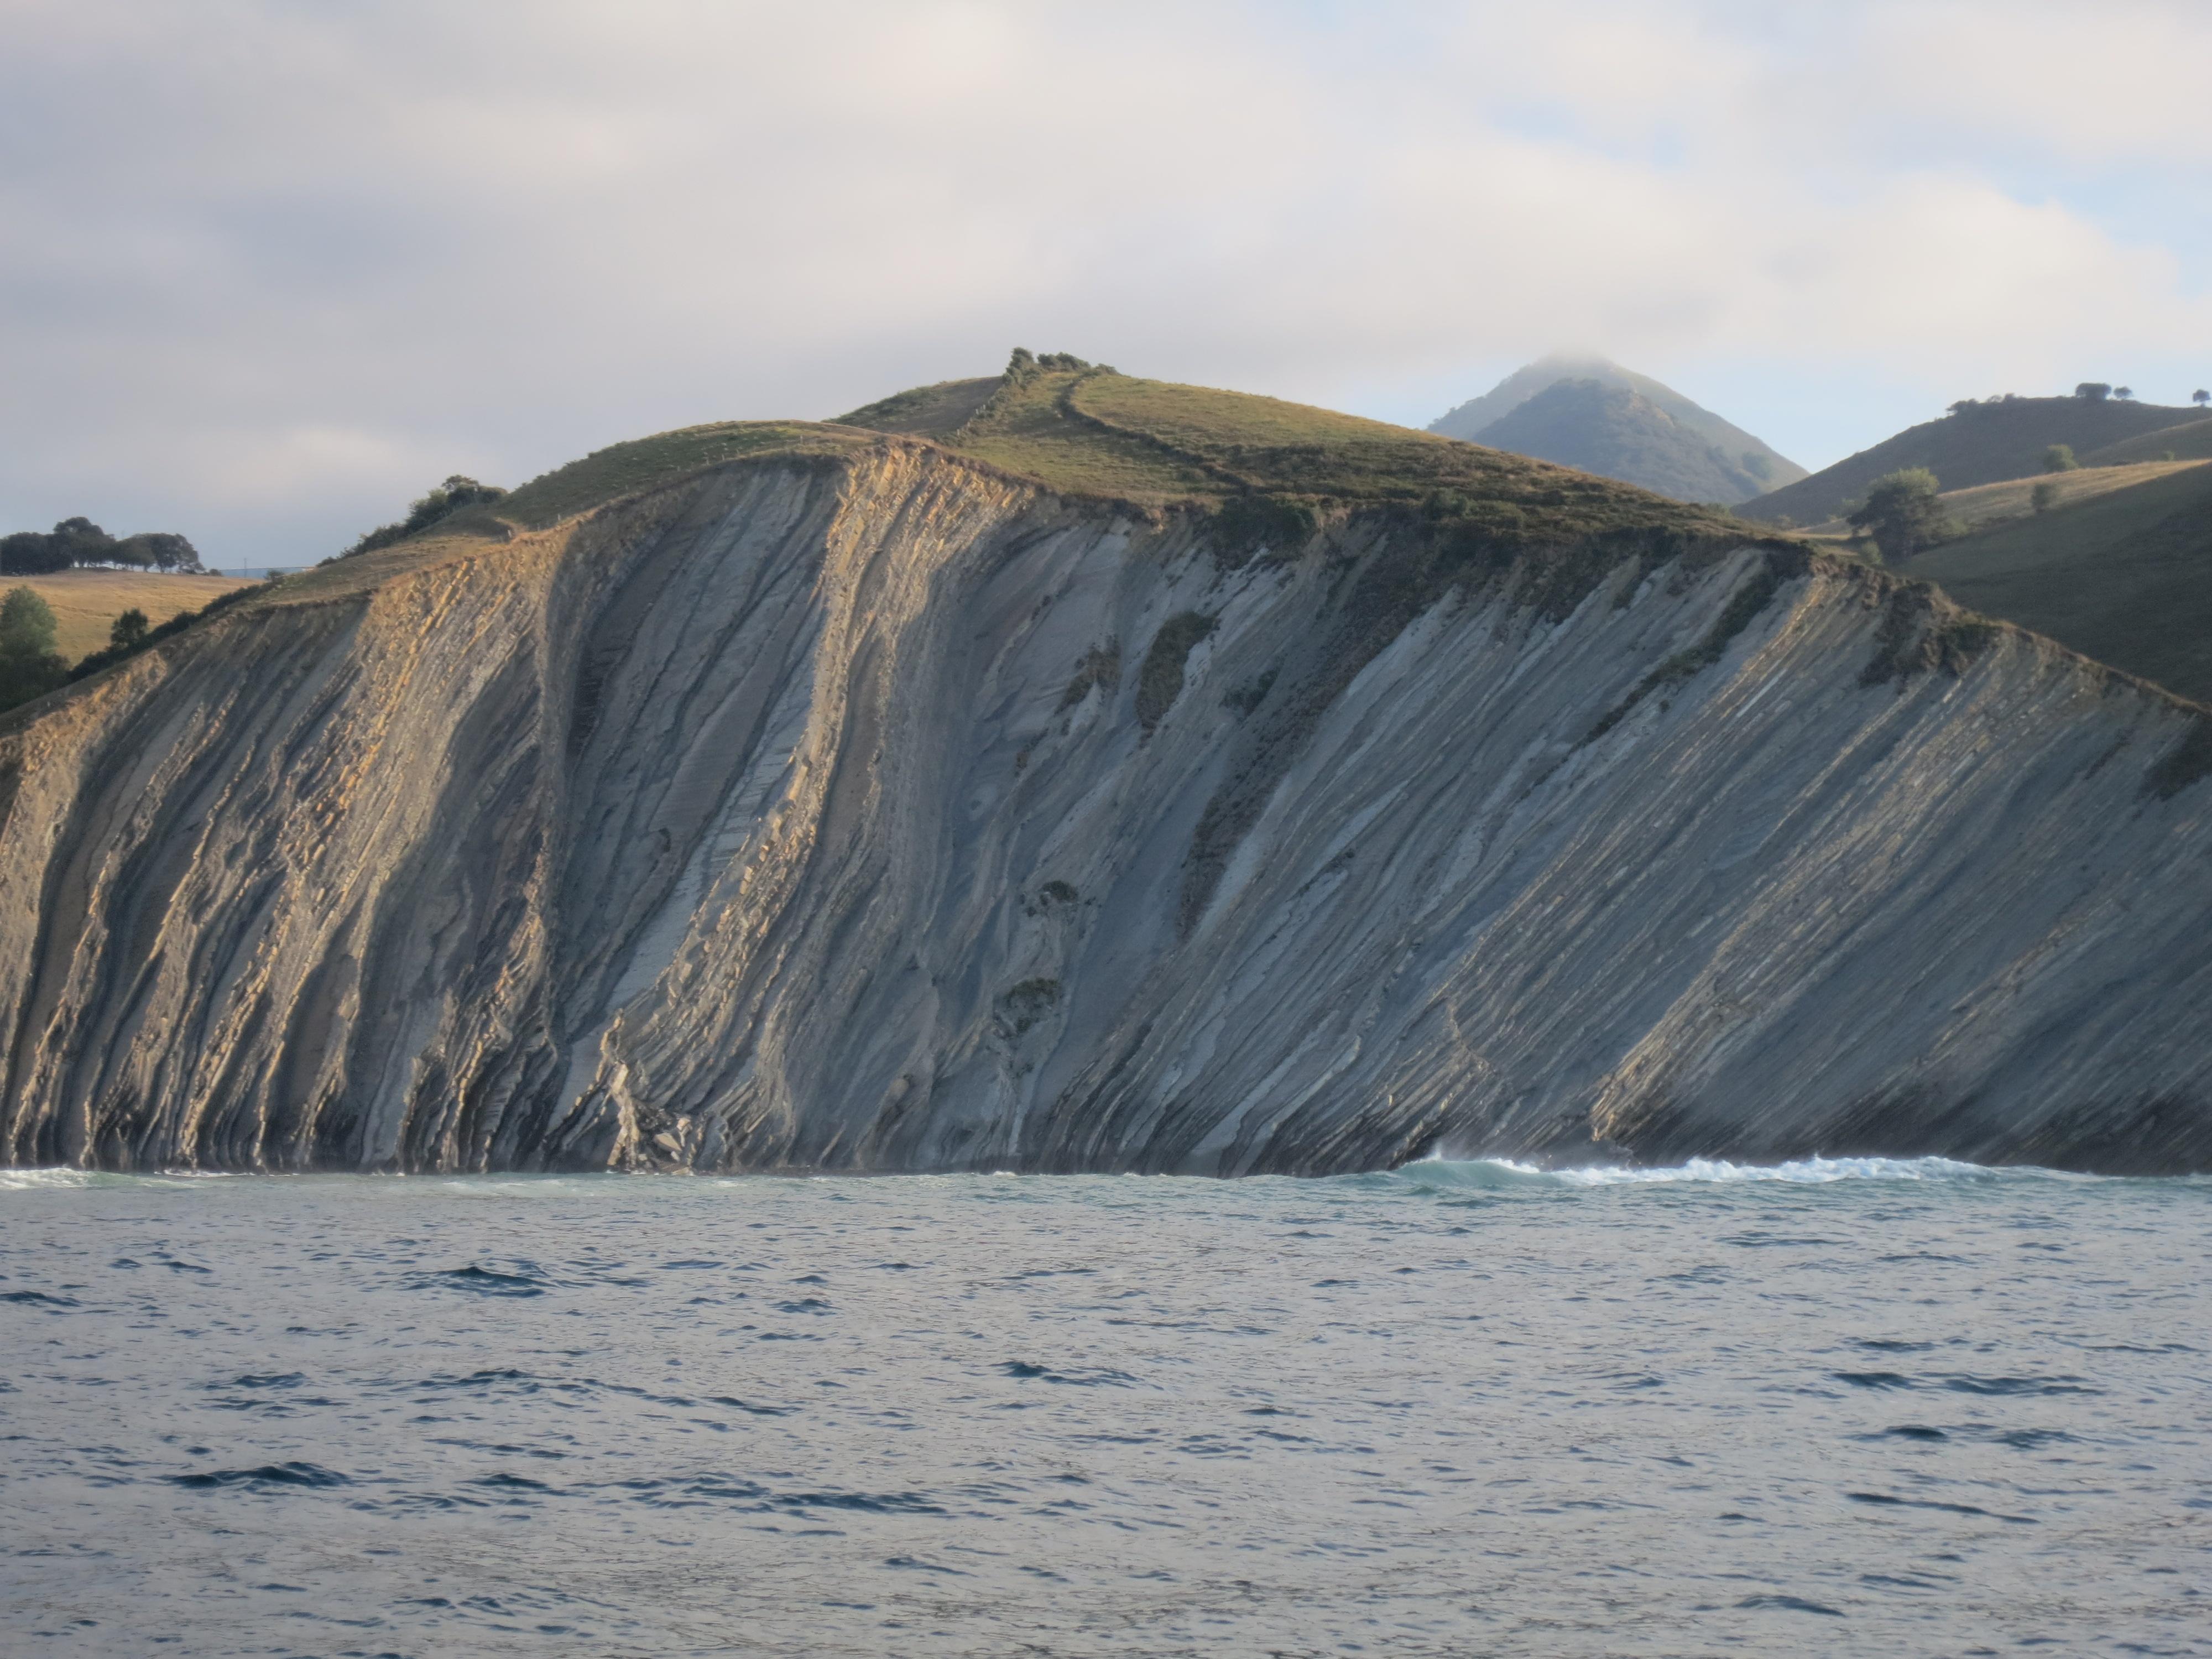 turen går til baskerlandet